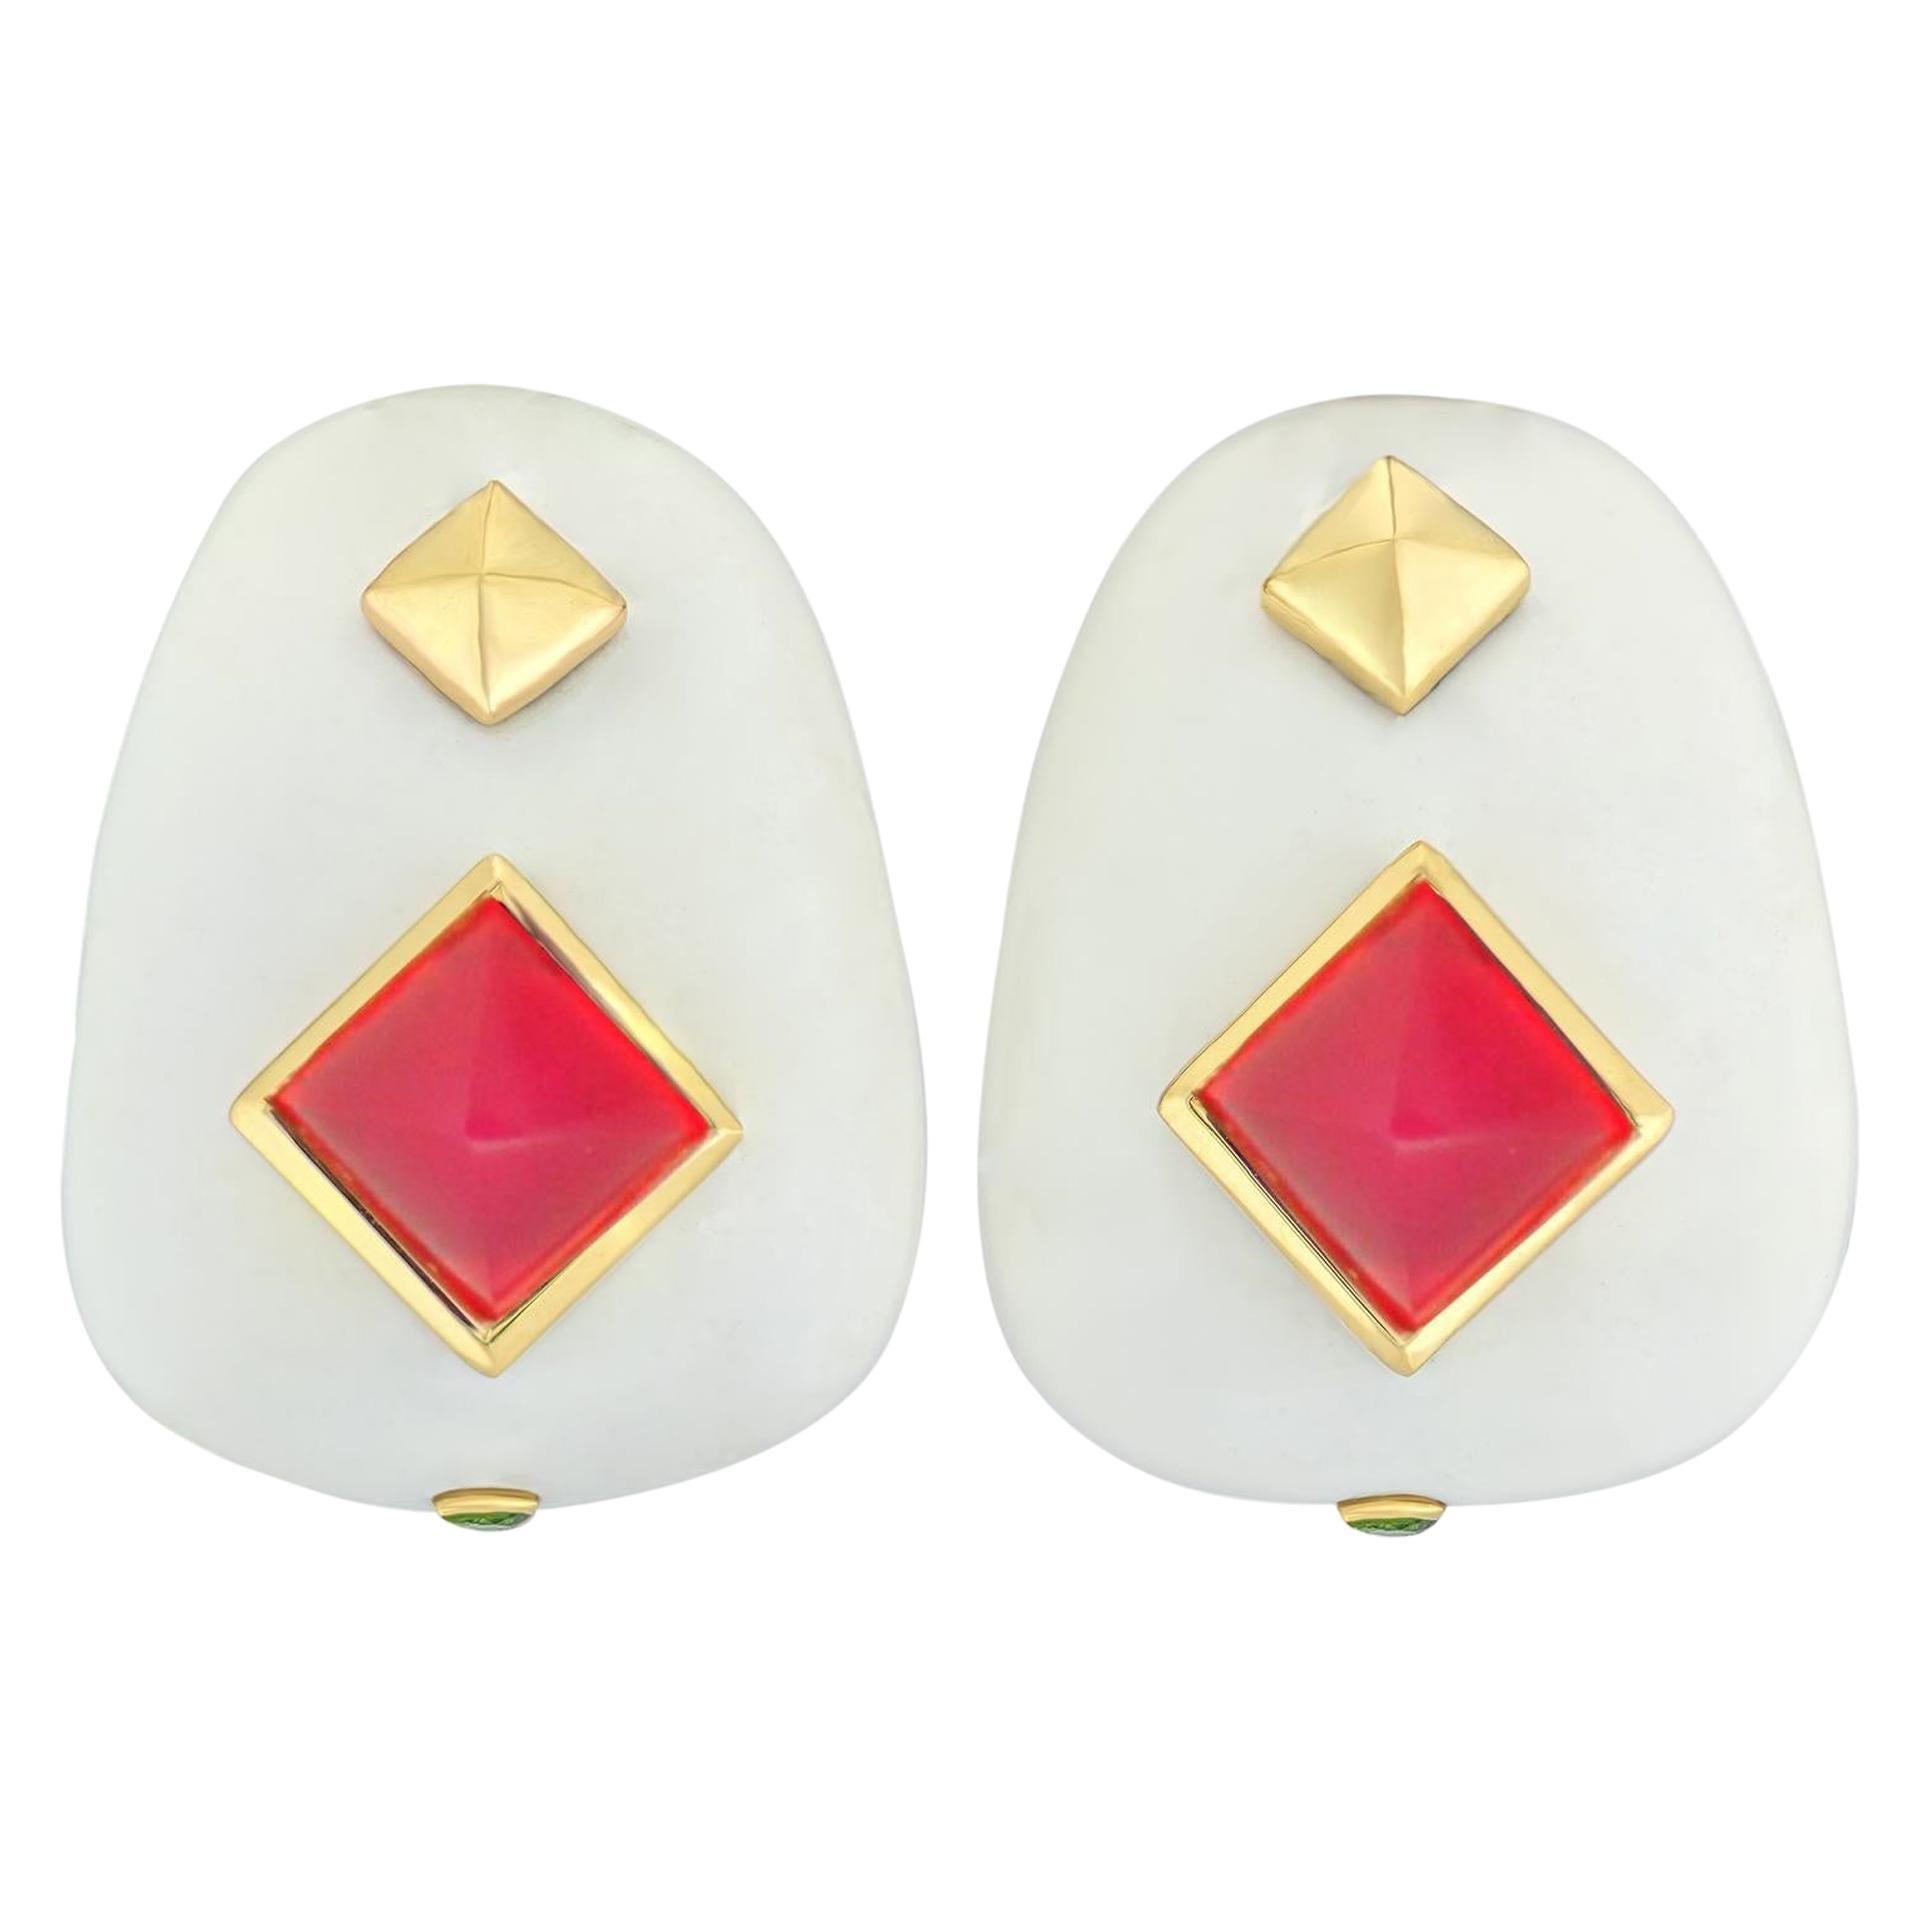 Margot McKinney 18k White Agate Earrings with Red Chalcedony, Tsavorite Garnet